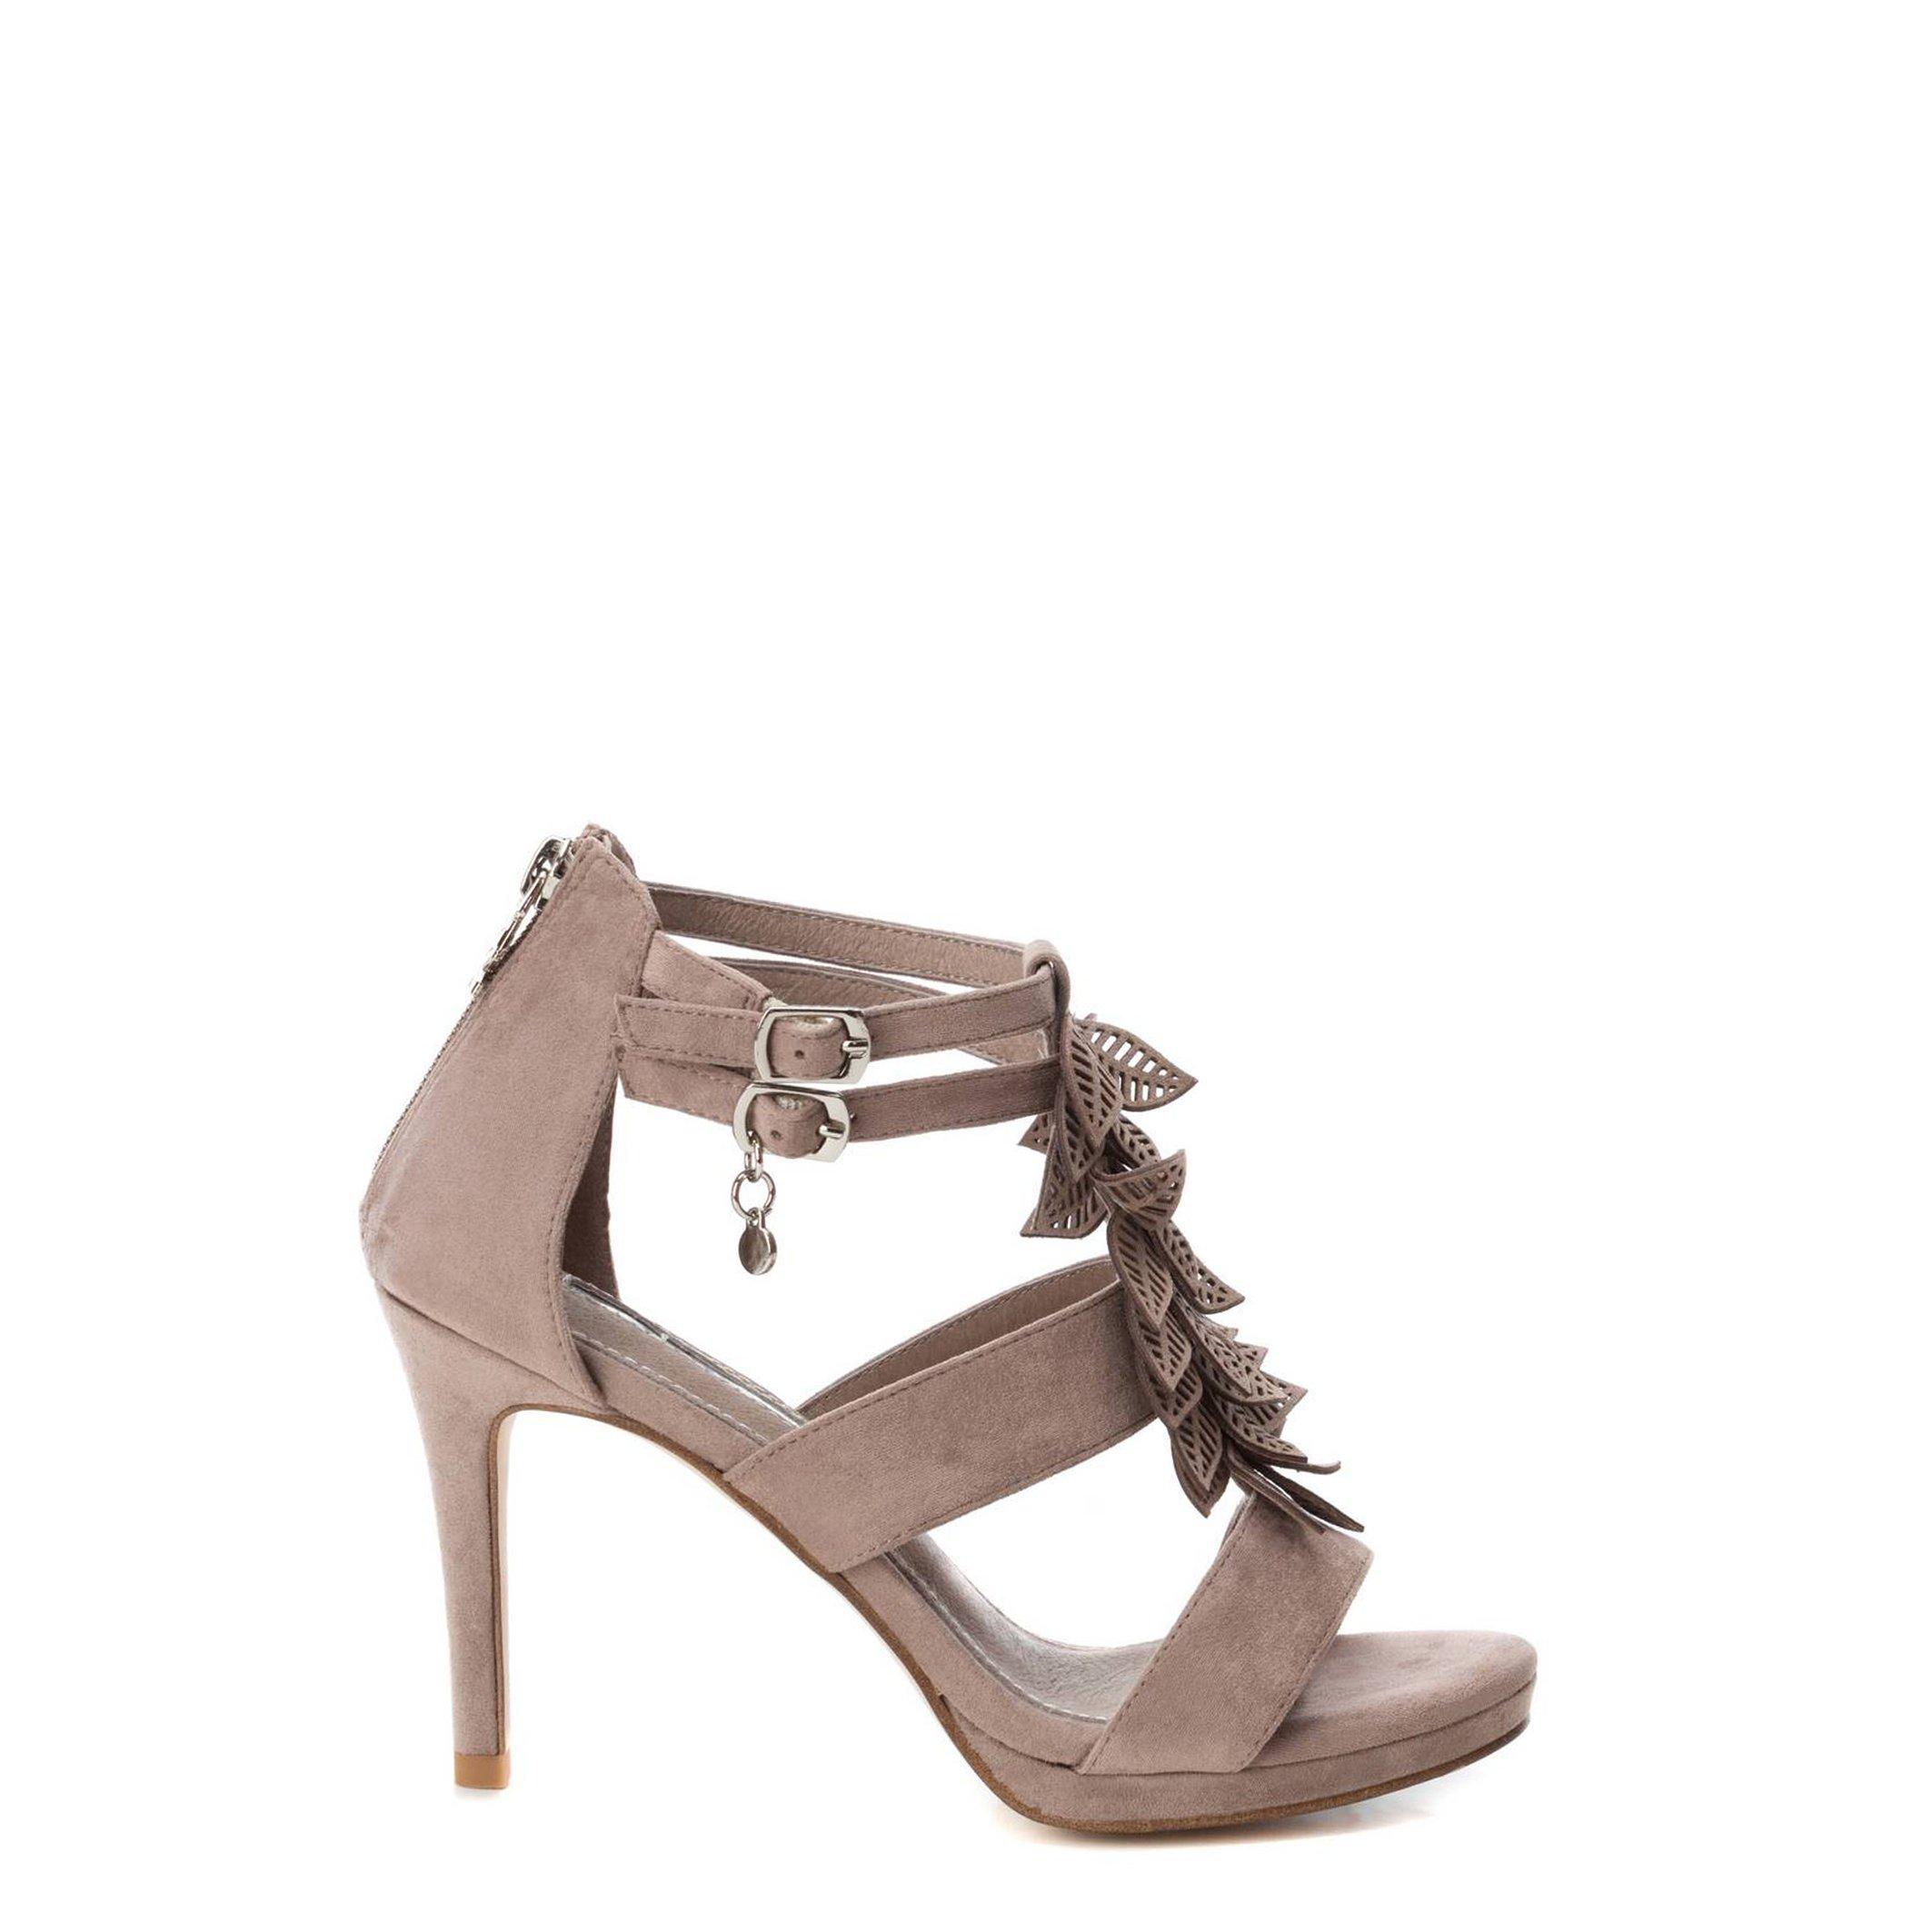 Xti Women's Sandals Various Colors 32077 - brown 37 EU